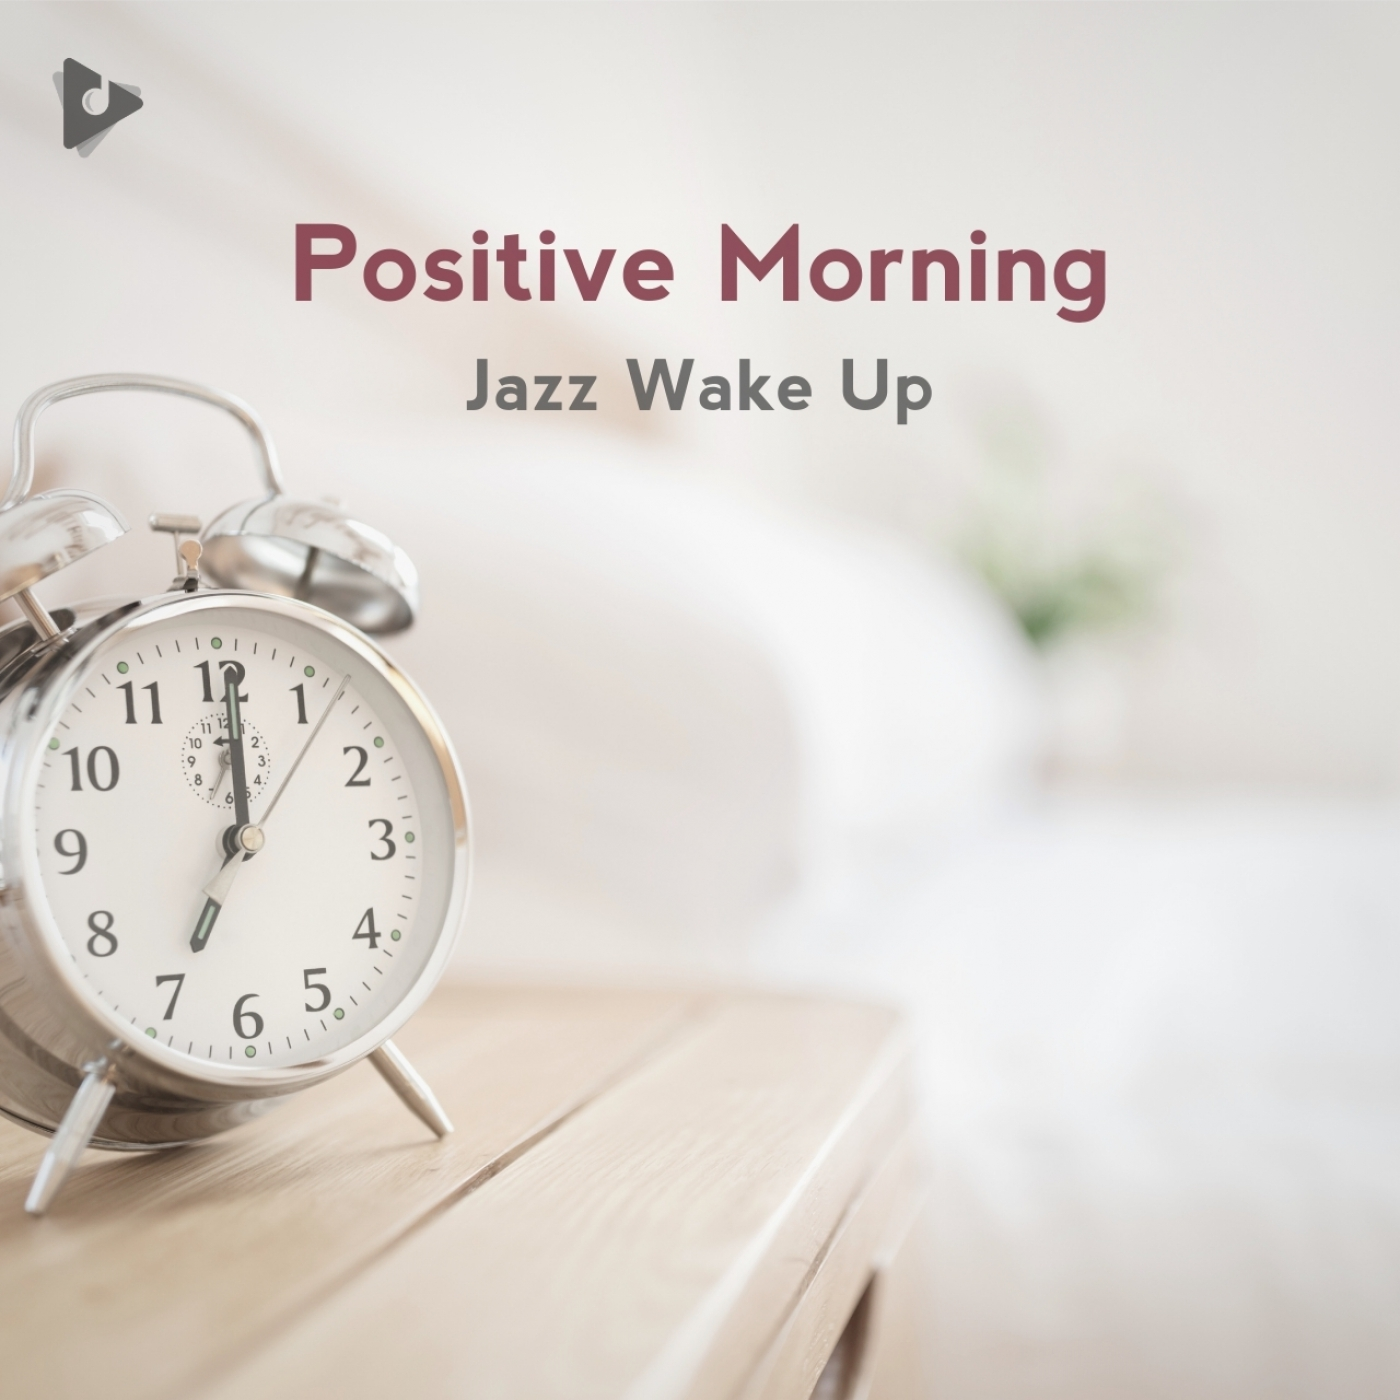 Positive Morning Jazz Wake Up